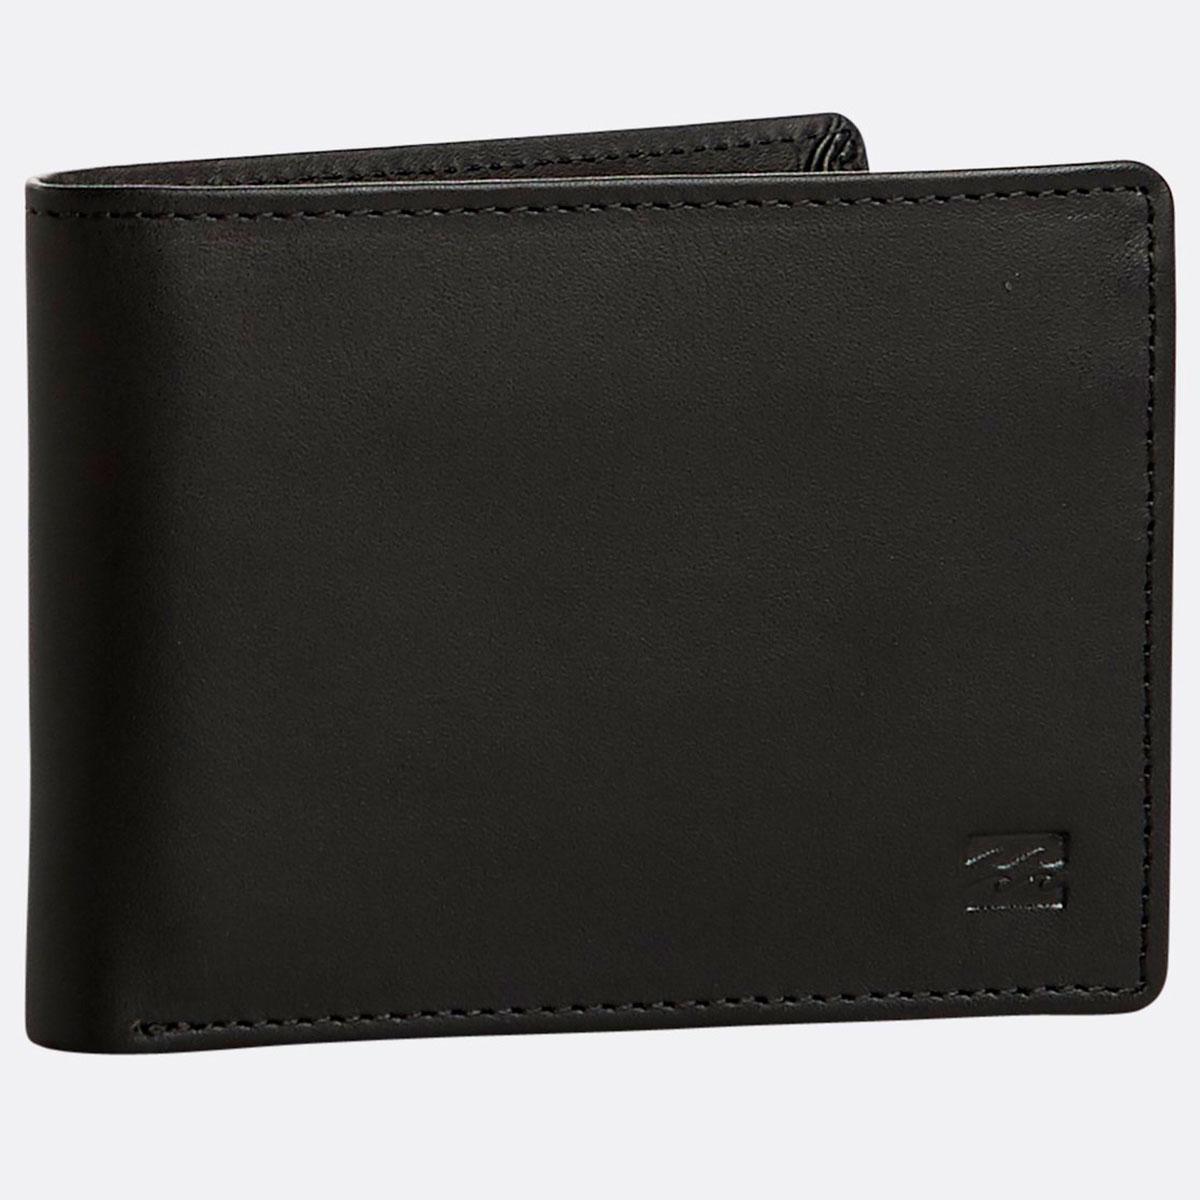 Кожаный мужской кошелек Vacant Leather